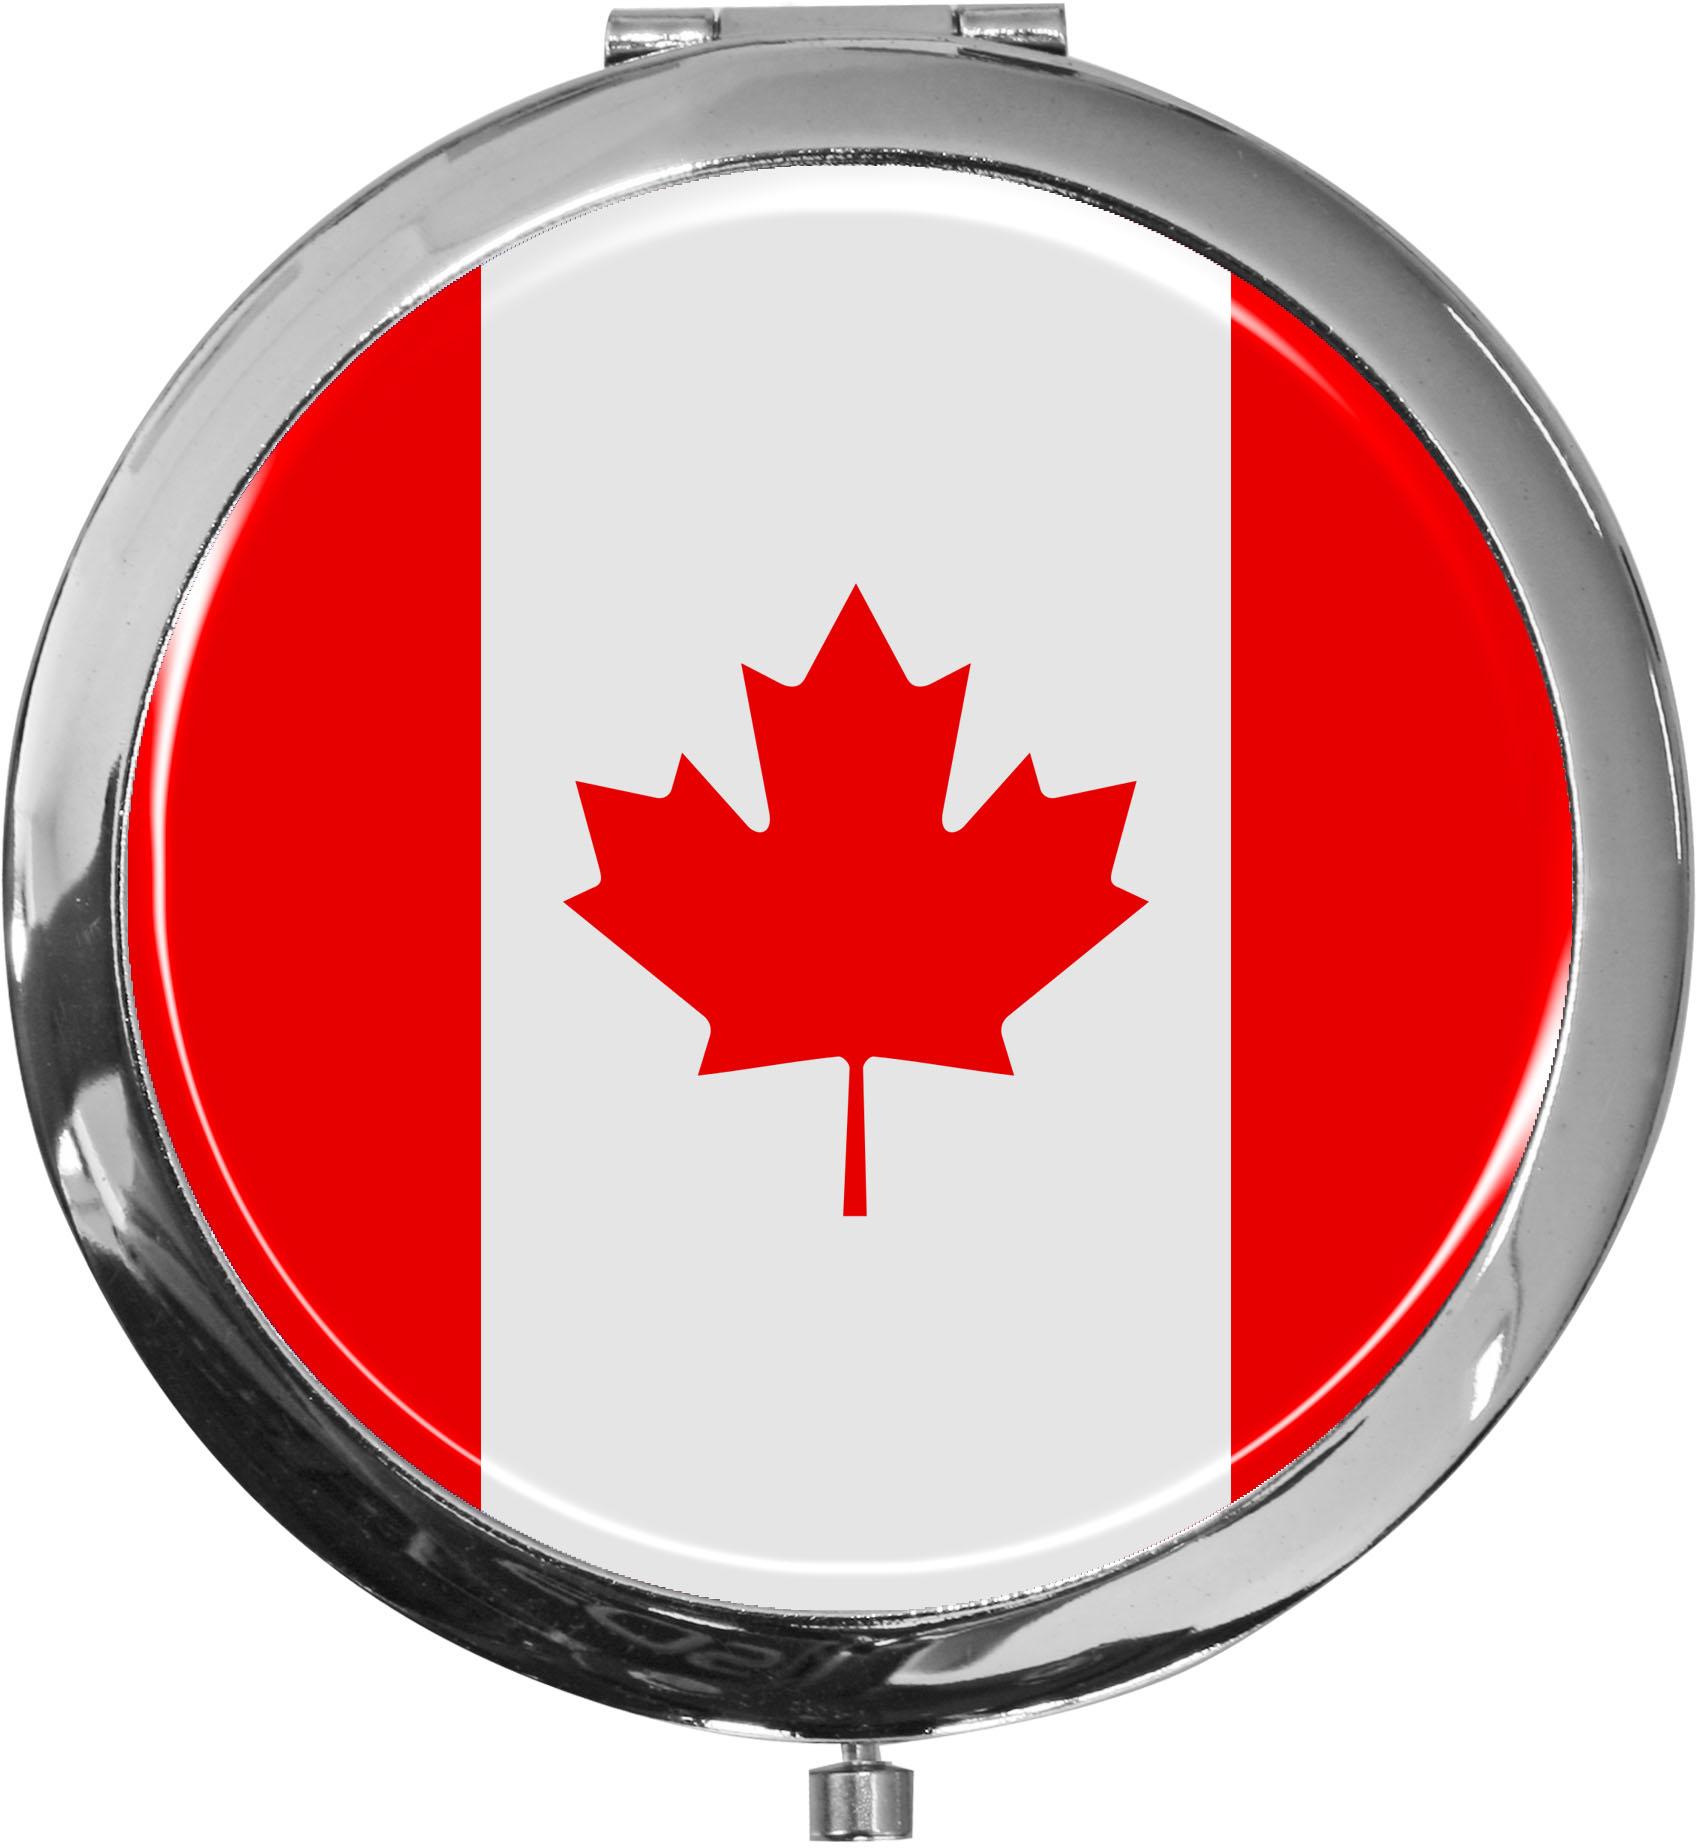 Taschenspiegel / Spiegel / Flagge Kanada / 2 fache Vergrößerung